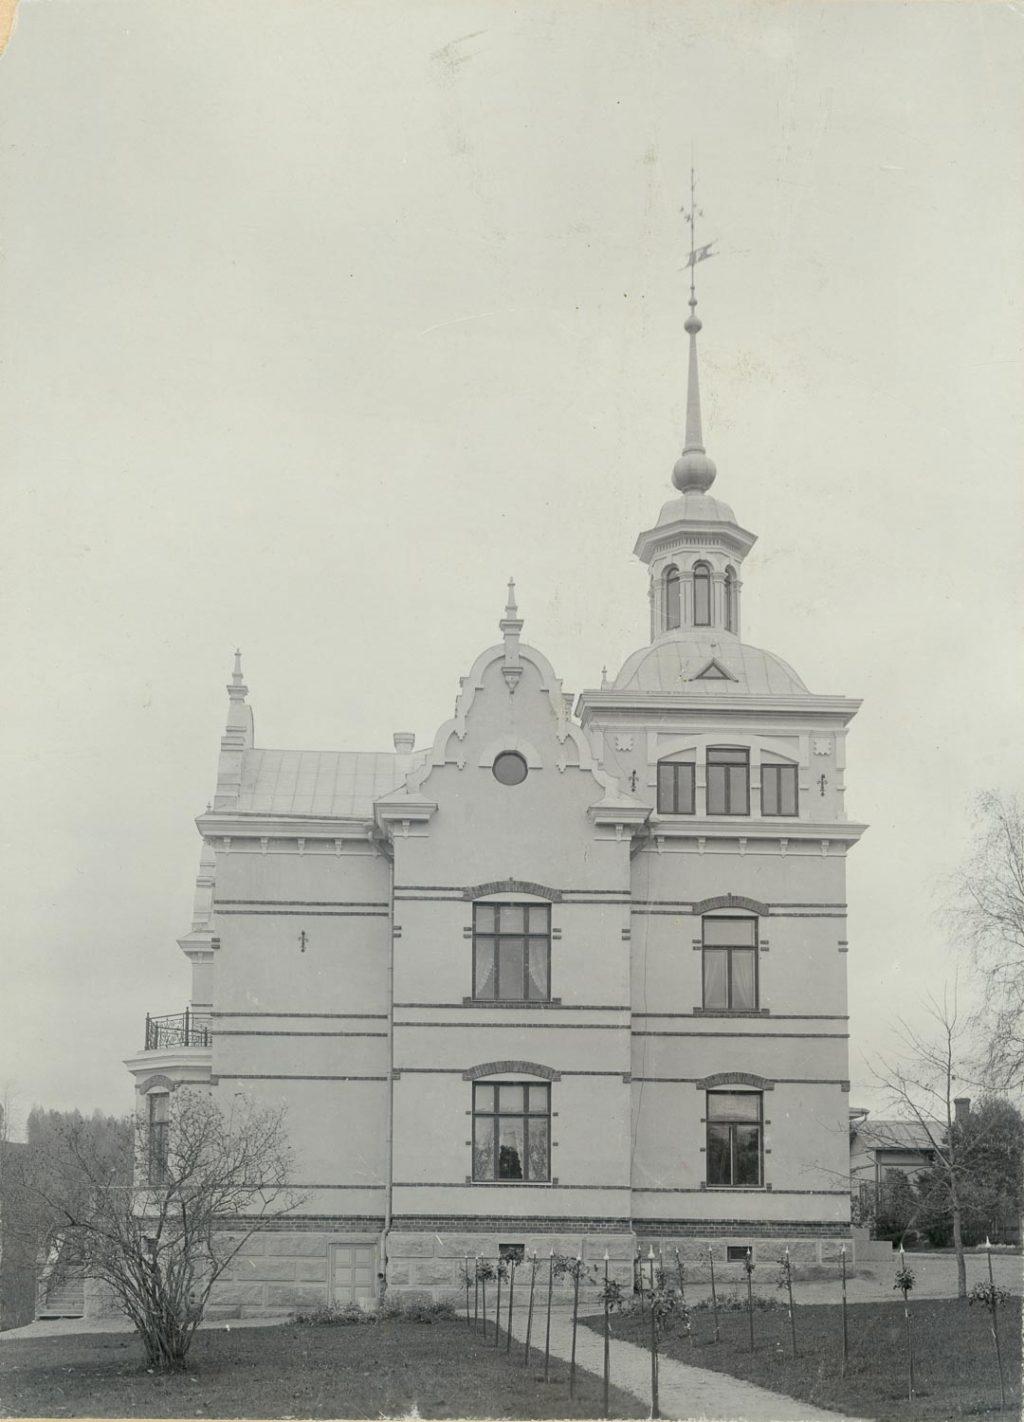 Vanhan Kartano-rakennuksen päätysivu ja torni.